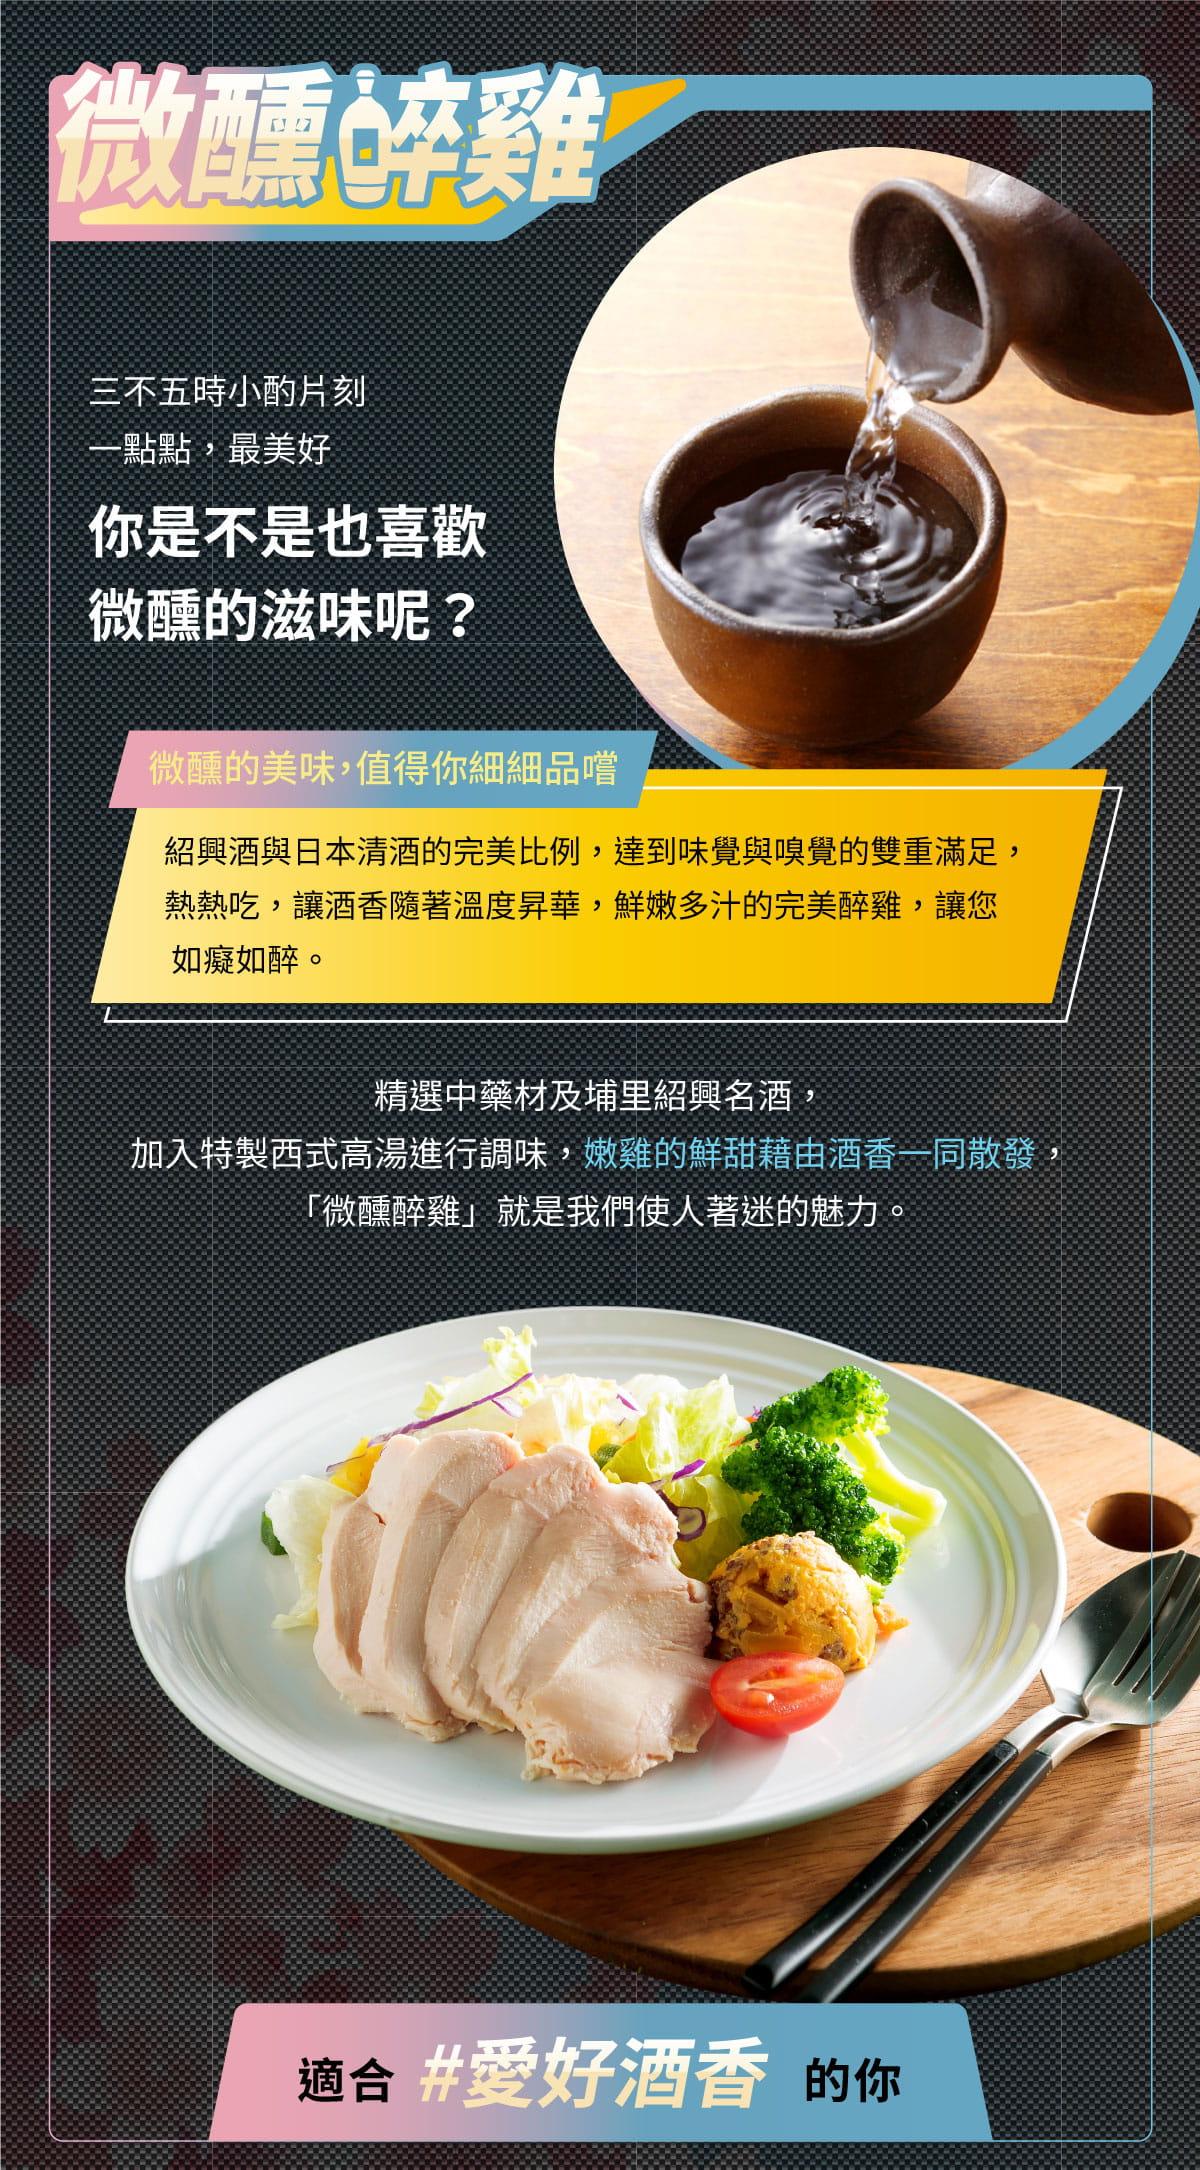 UP運動吃沙拉舒肥雞胸肉即食包 5